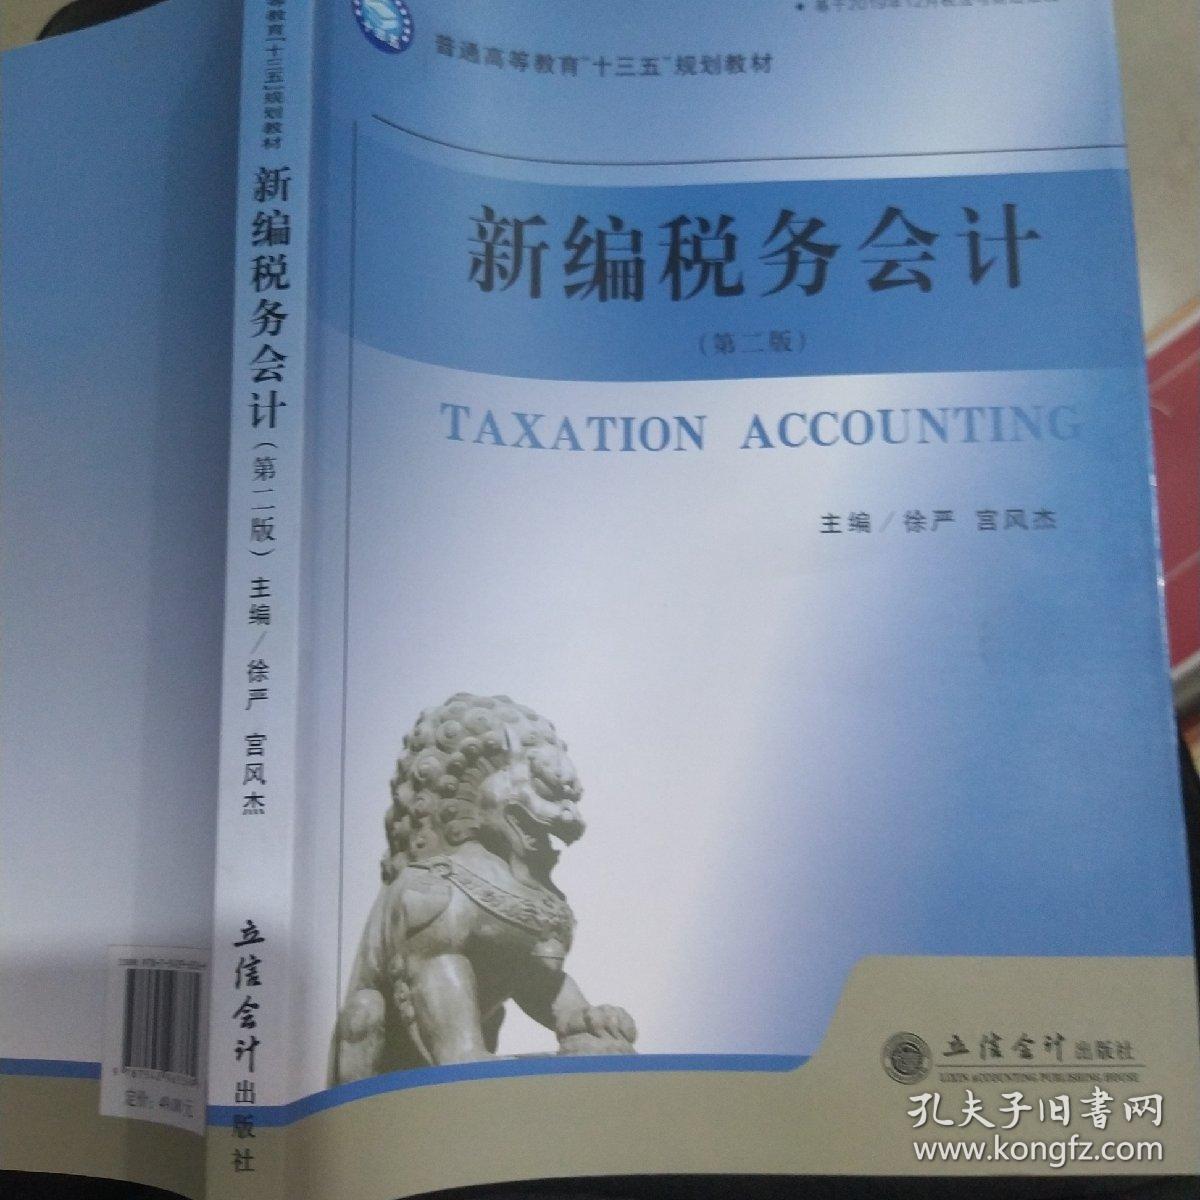 新编税务会计(第2版)